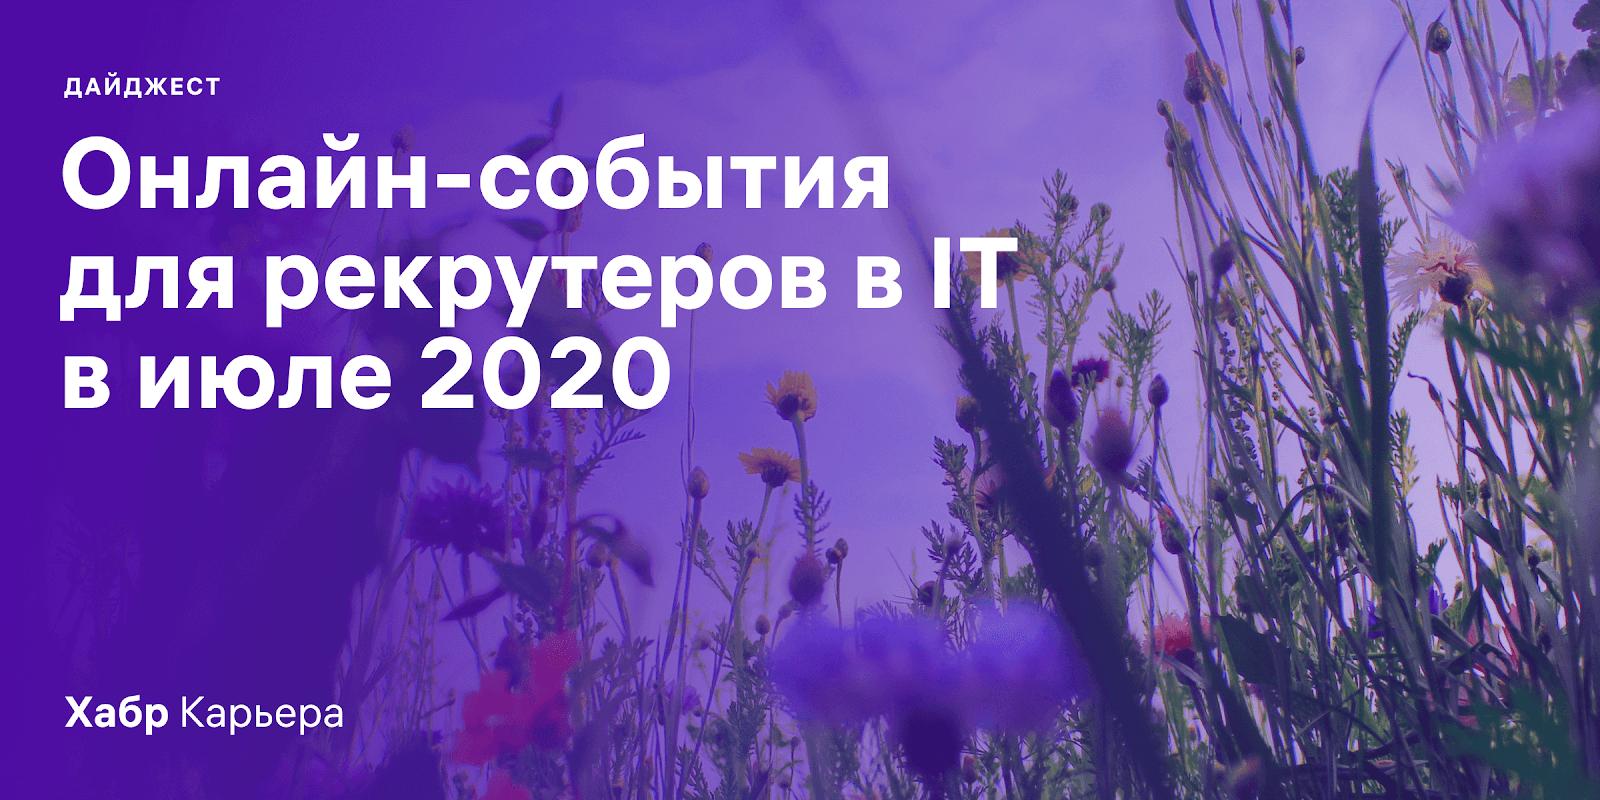 Дайджест событий для эйчаров и рекрутеров в IT на июль 2020